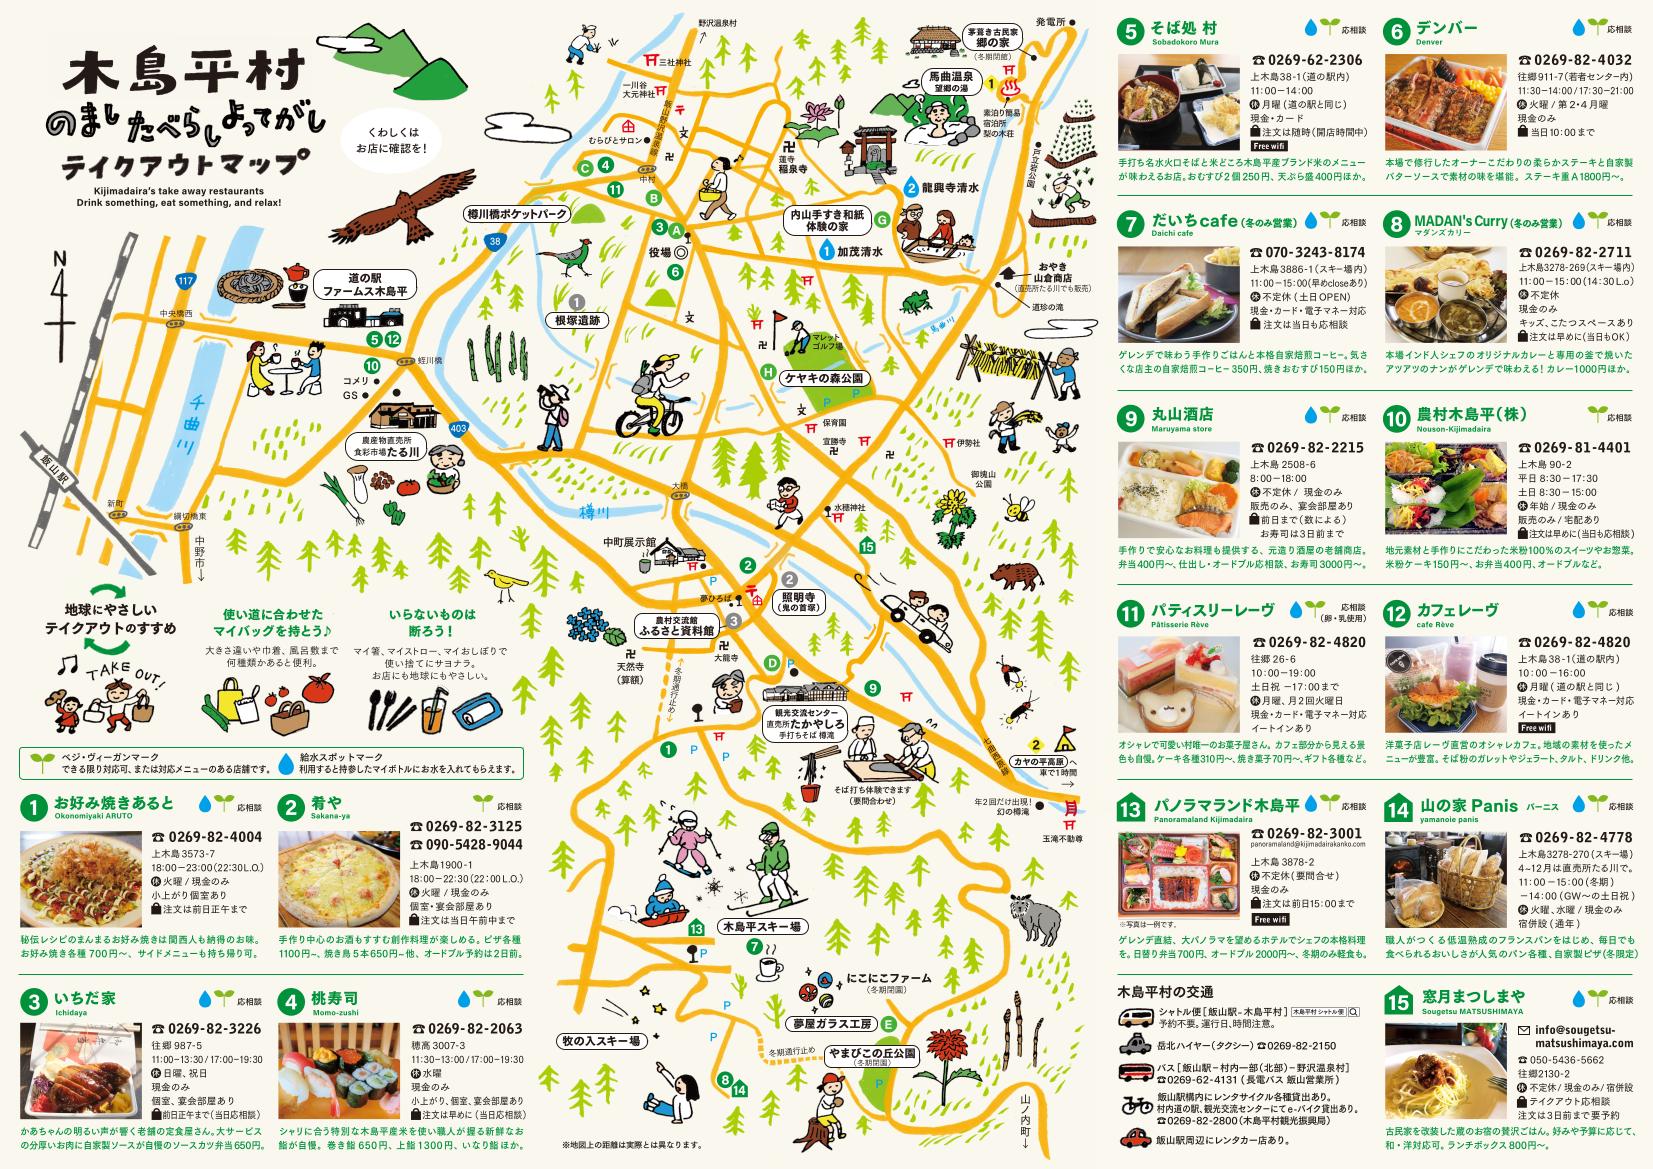 木島平村テイクアウトマップ(裏側)